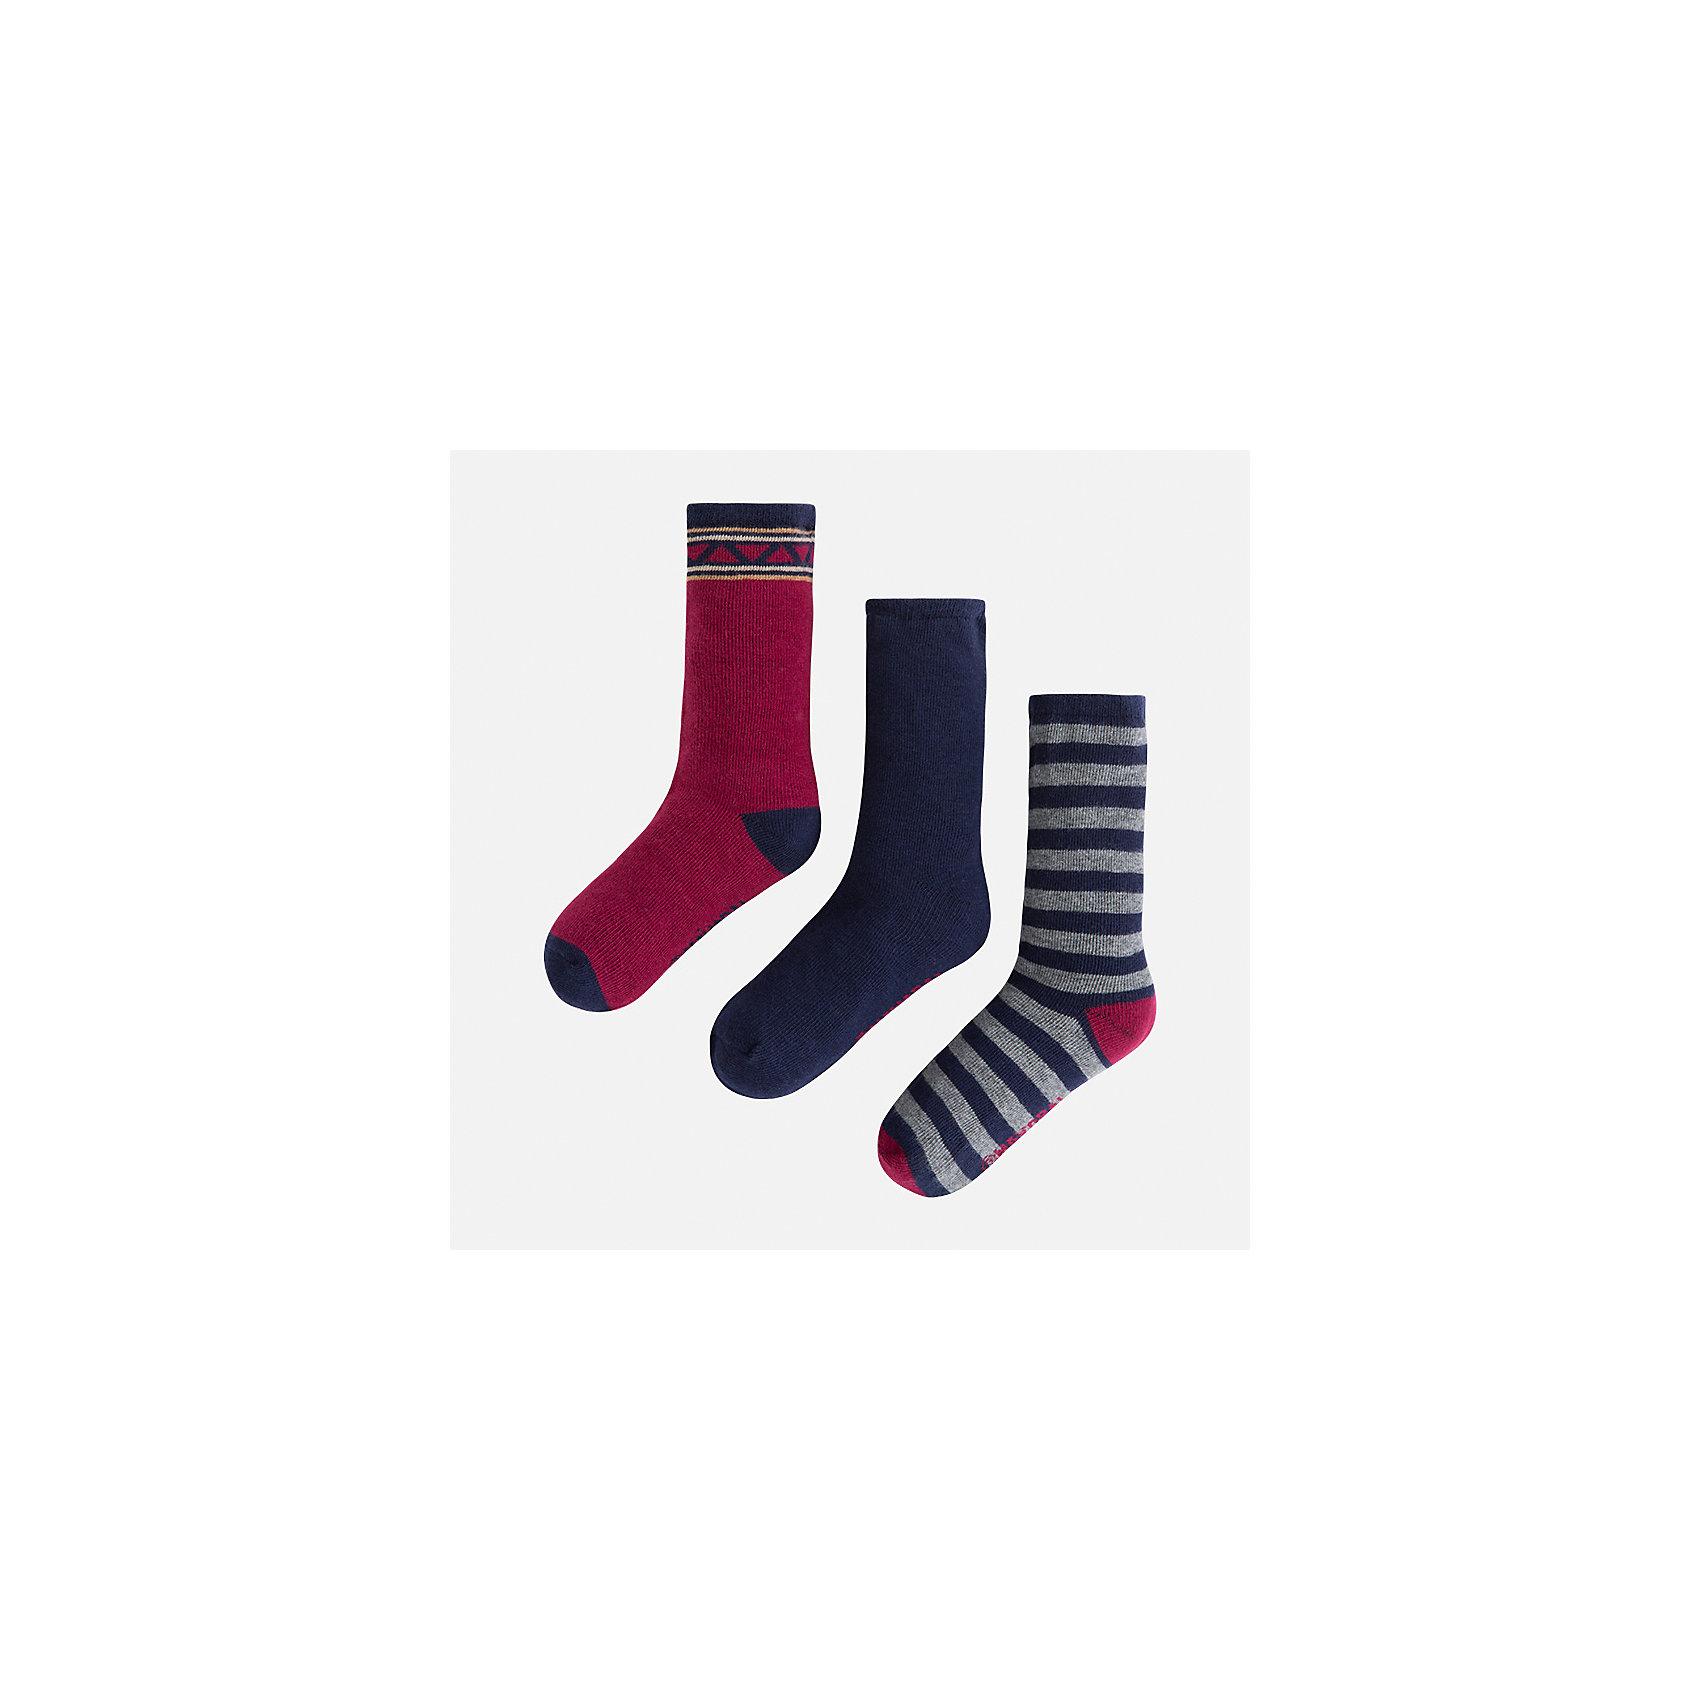 Носки (3 пары) для мальчика MayoralНоски<br>Характеристики товара:<br><br>• цвет: синий<br>• состав ткани: 72% хлопок, 25% полиамид, 3% эластан<br>• сезон: круглый год<br>• комплектация: 3 пары<br>• страна бренда: Испания<br>• страна изготовитель: Индия<br><br>Набор носков для мальчика от Майорал симпатично смотрится, они удобно сидят благодаря качественному дышащему трикотажу. Детские носки Mayoral обеспечат ребенку комфорт и аккуратный внешний вид. Эти детские носки, как и вся одежда от испанской компании Mayoral отличаются оригинальным и стильным дизайном. <br><br>Носки (3 пары) для мальчика Mayoral (Майорал) можно купить в нашем интернет-магазине.<br><br>Ширина мм: 87<br>Глубина мм: 10<br>Высота мм: 105<br>Вес г: 115<br>Цвет: белый<br>Возраст от месяцев: 96<br>Возраст до месяцев: 108<br>Пол: Мужской<br>Возраст: Детский<br>Размер: 33-35,24-26,27-29,30-32<br>SKU: 6939200